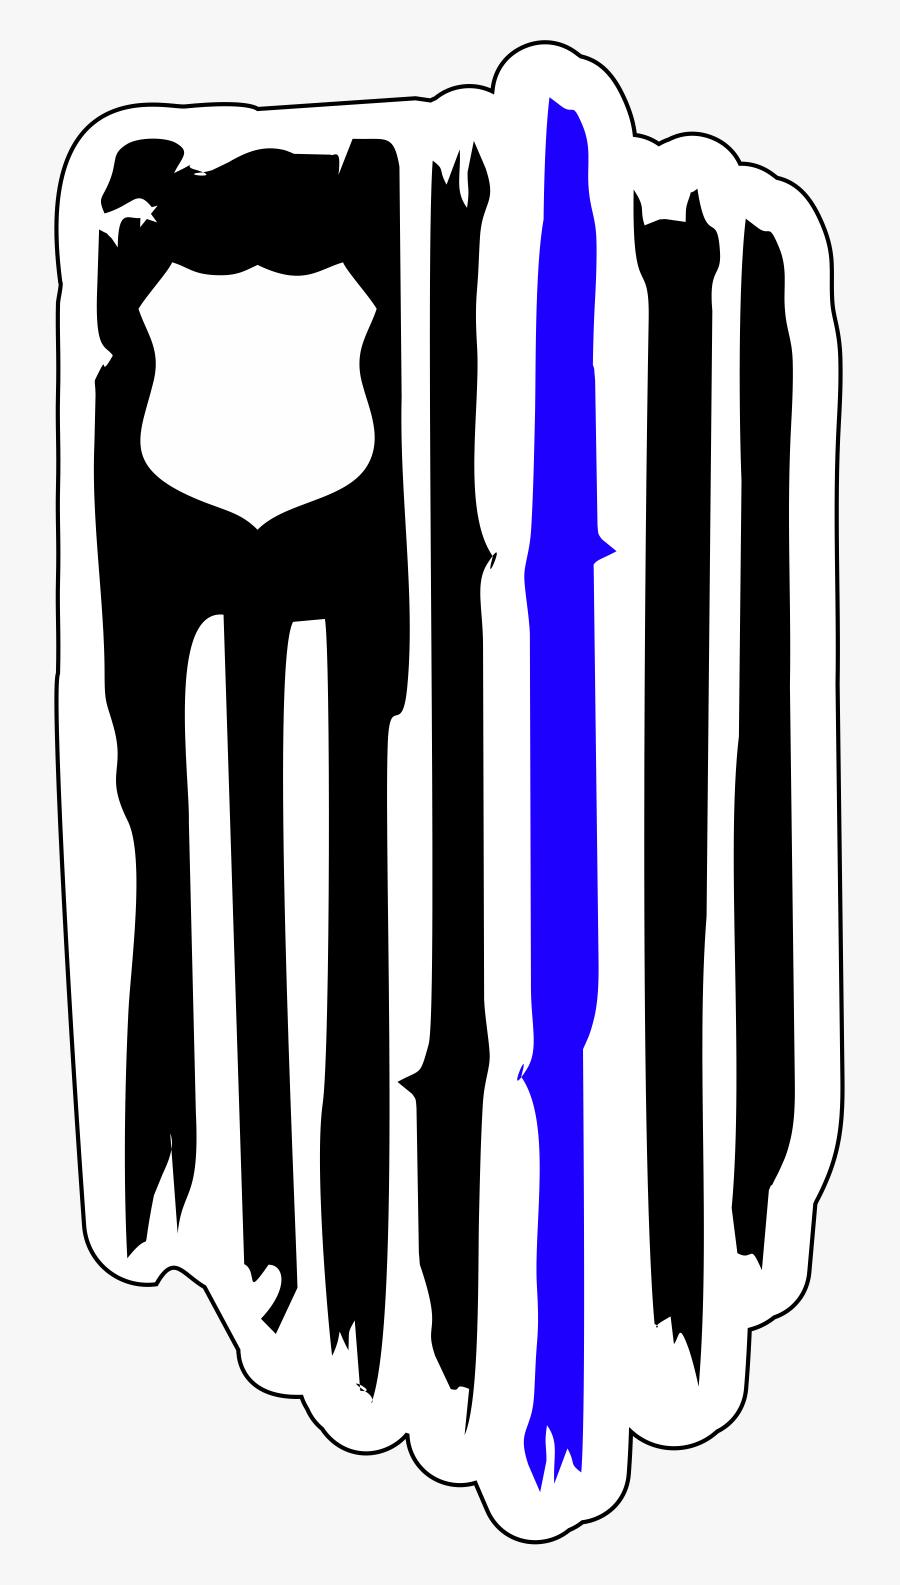 Law Enforcement Badge Thin Blue Line, Transparent Clipart